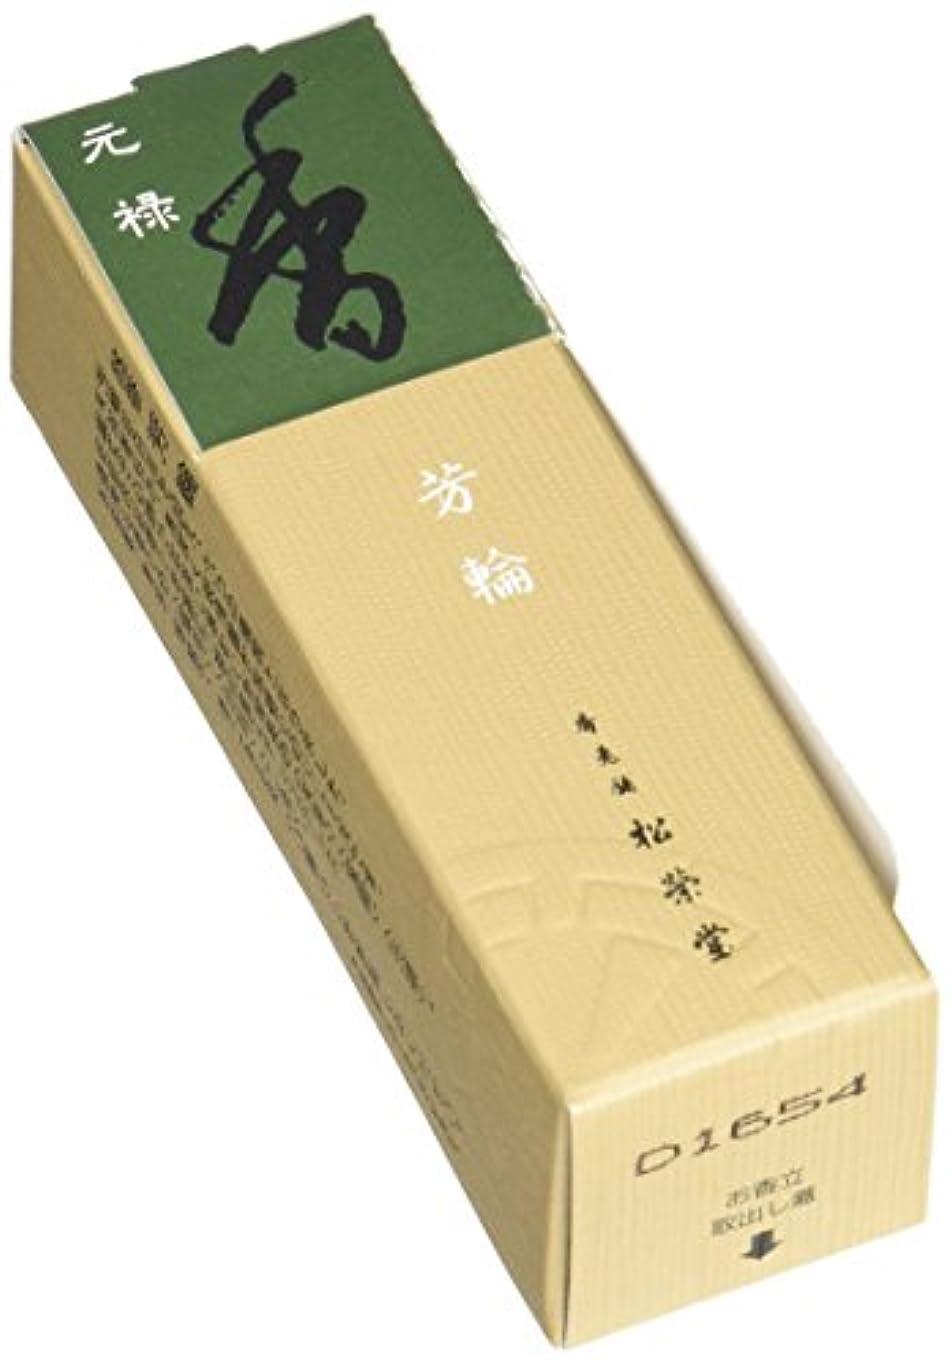 野望落ちたロール松栄堂のお香 芳輪元禄 ST20本入 簡易香立付 #210323